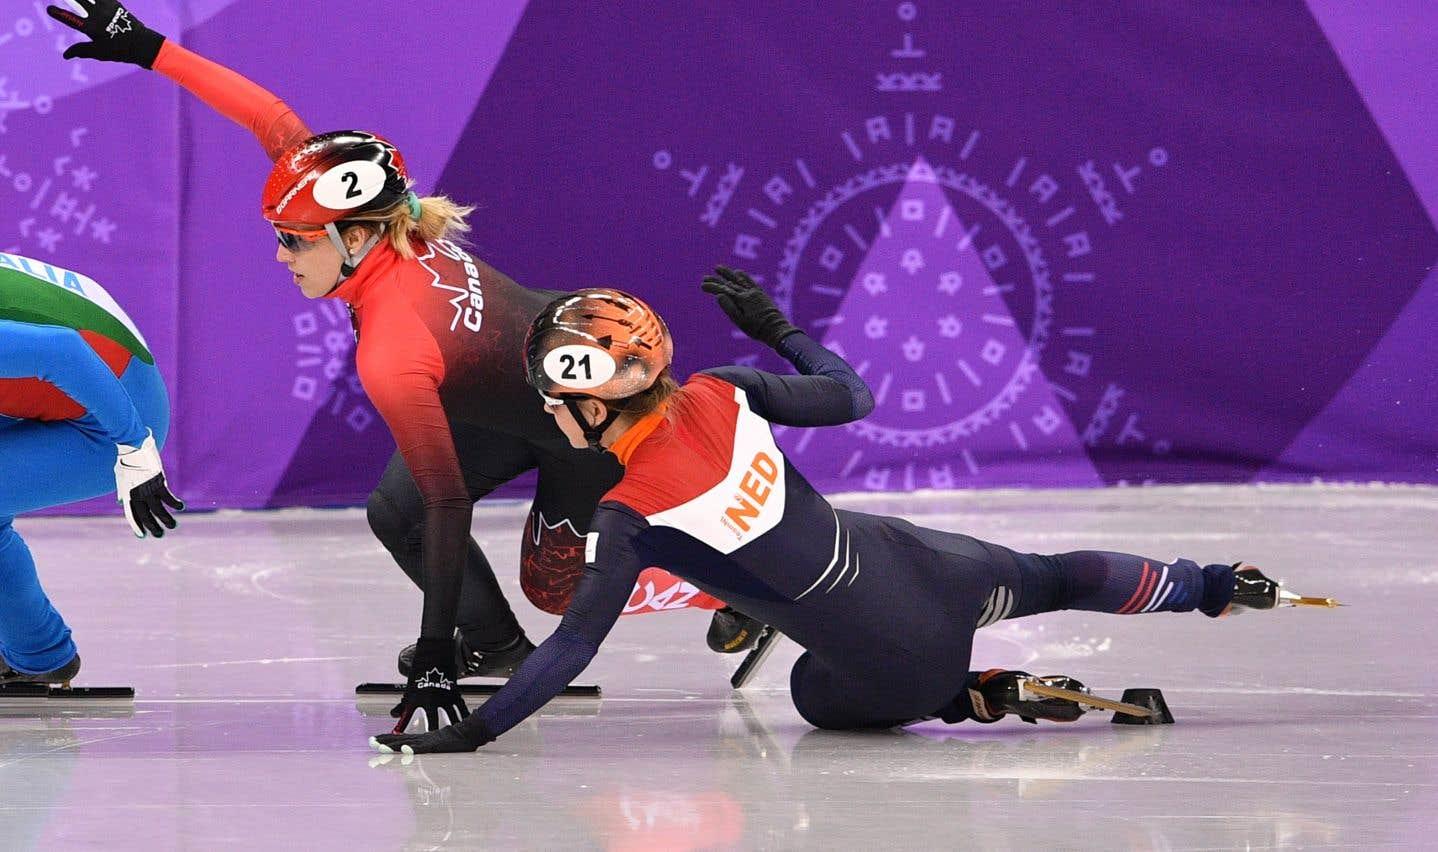 Marianne St-Gelais a provoqué la chute de la Néerlandaise Yara Van Kerkhof alors qu'elle tentait de maintenir sa position.